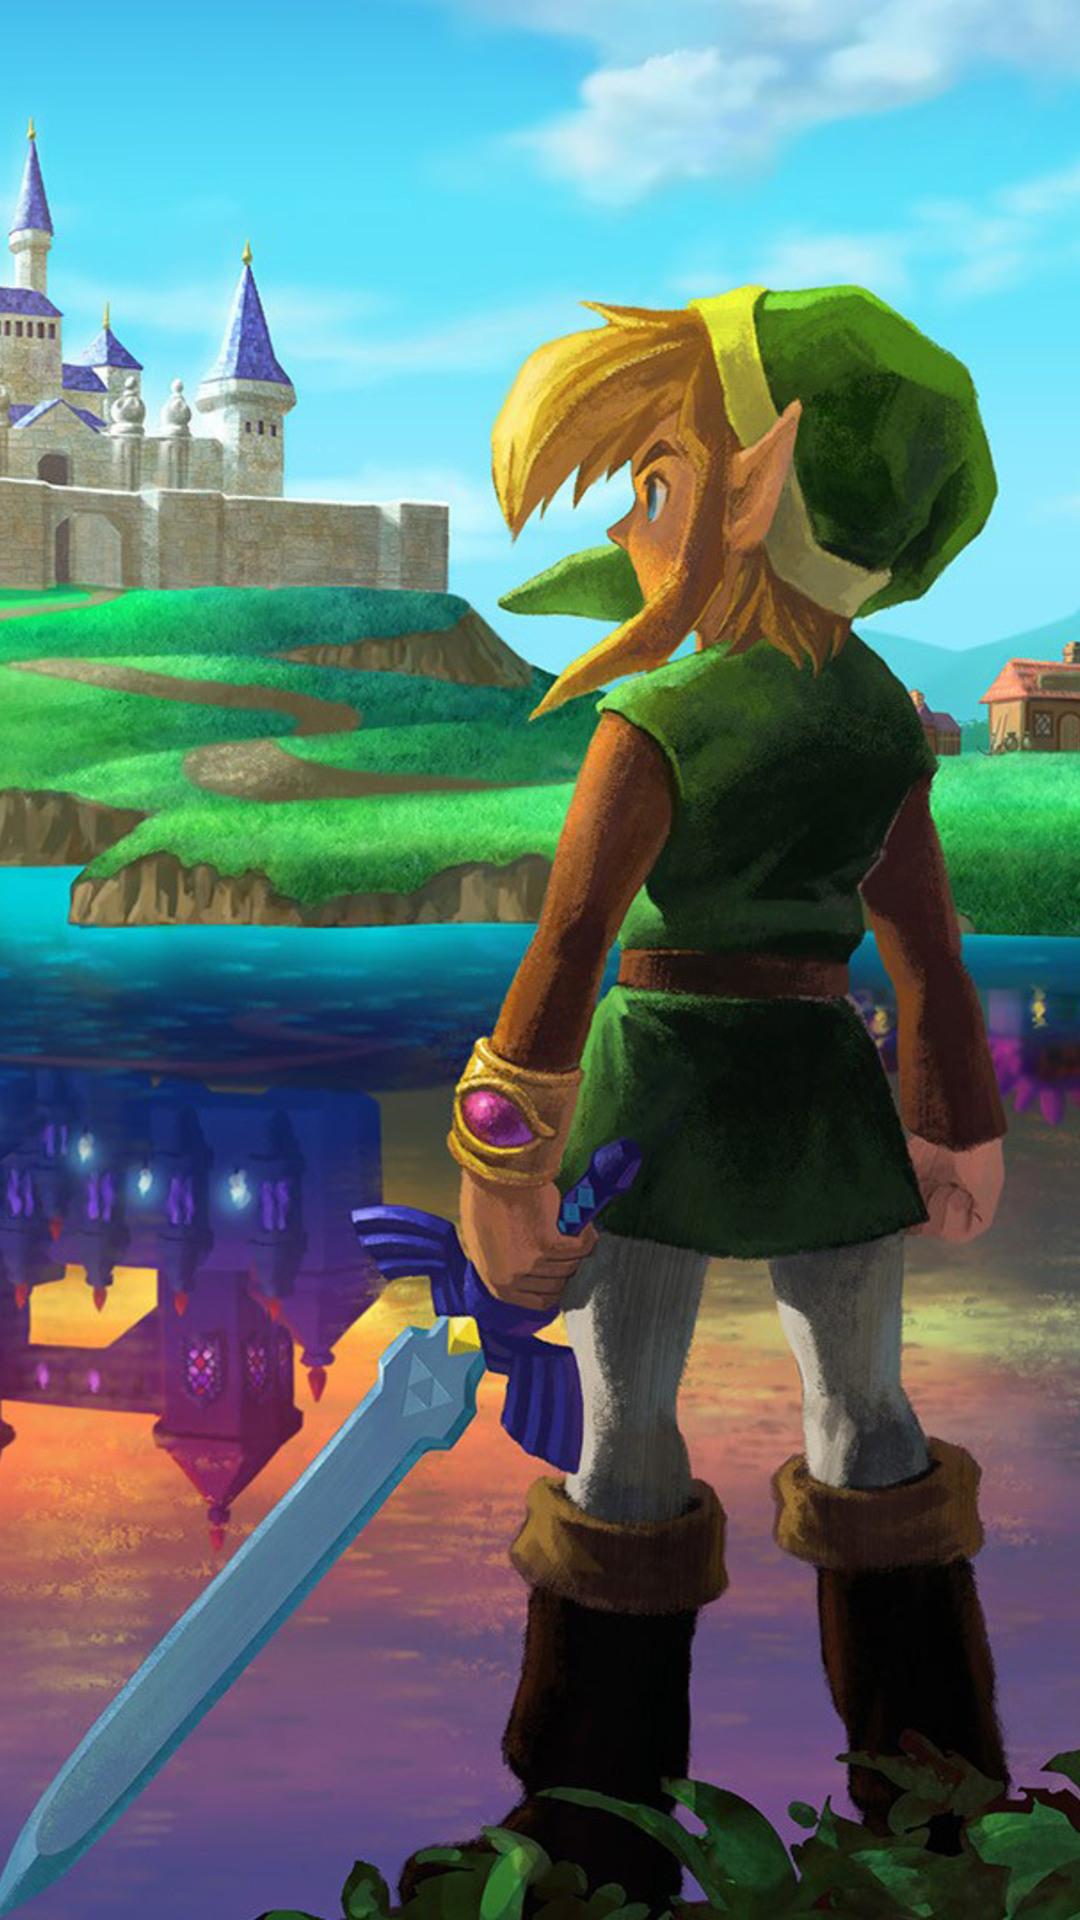 1080x1920 The Legend Of Zelda Video Game Iphone 7,6s,6 ...